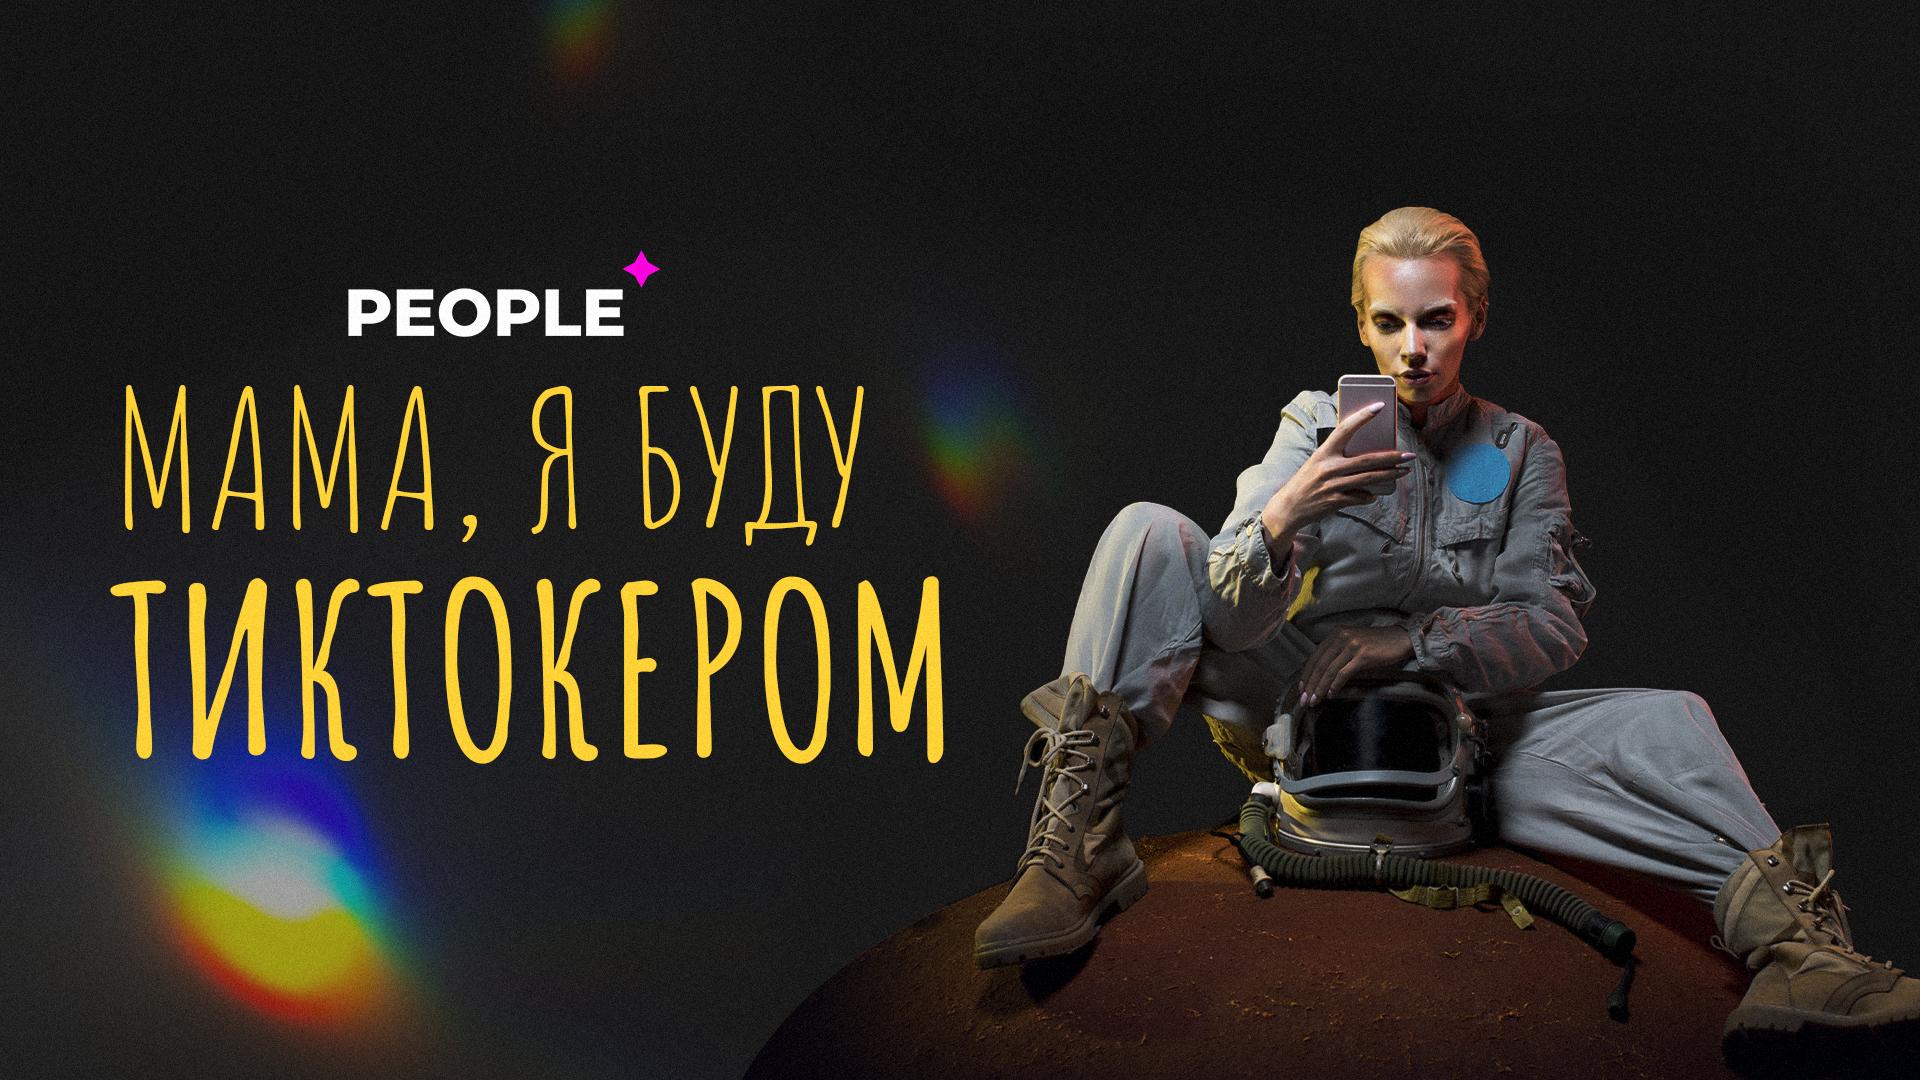 От космонавта до тиктокера: редактор PEOPLE о профессиях будущего